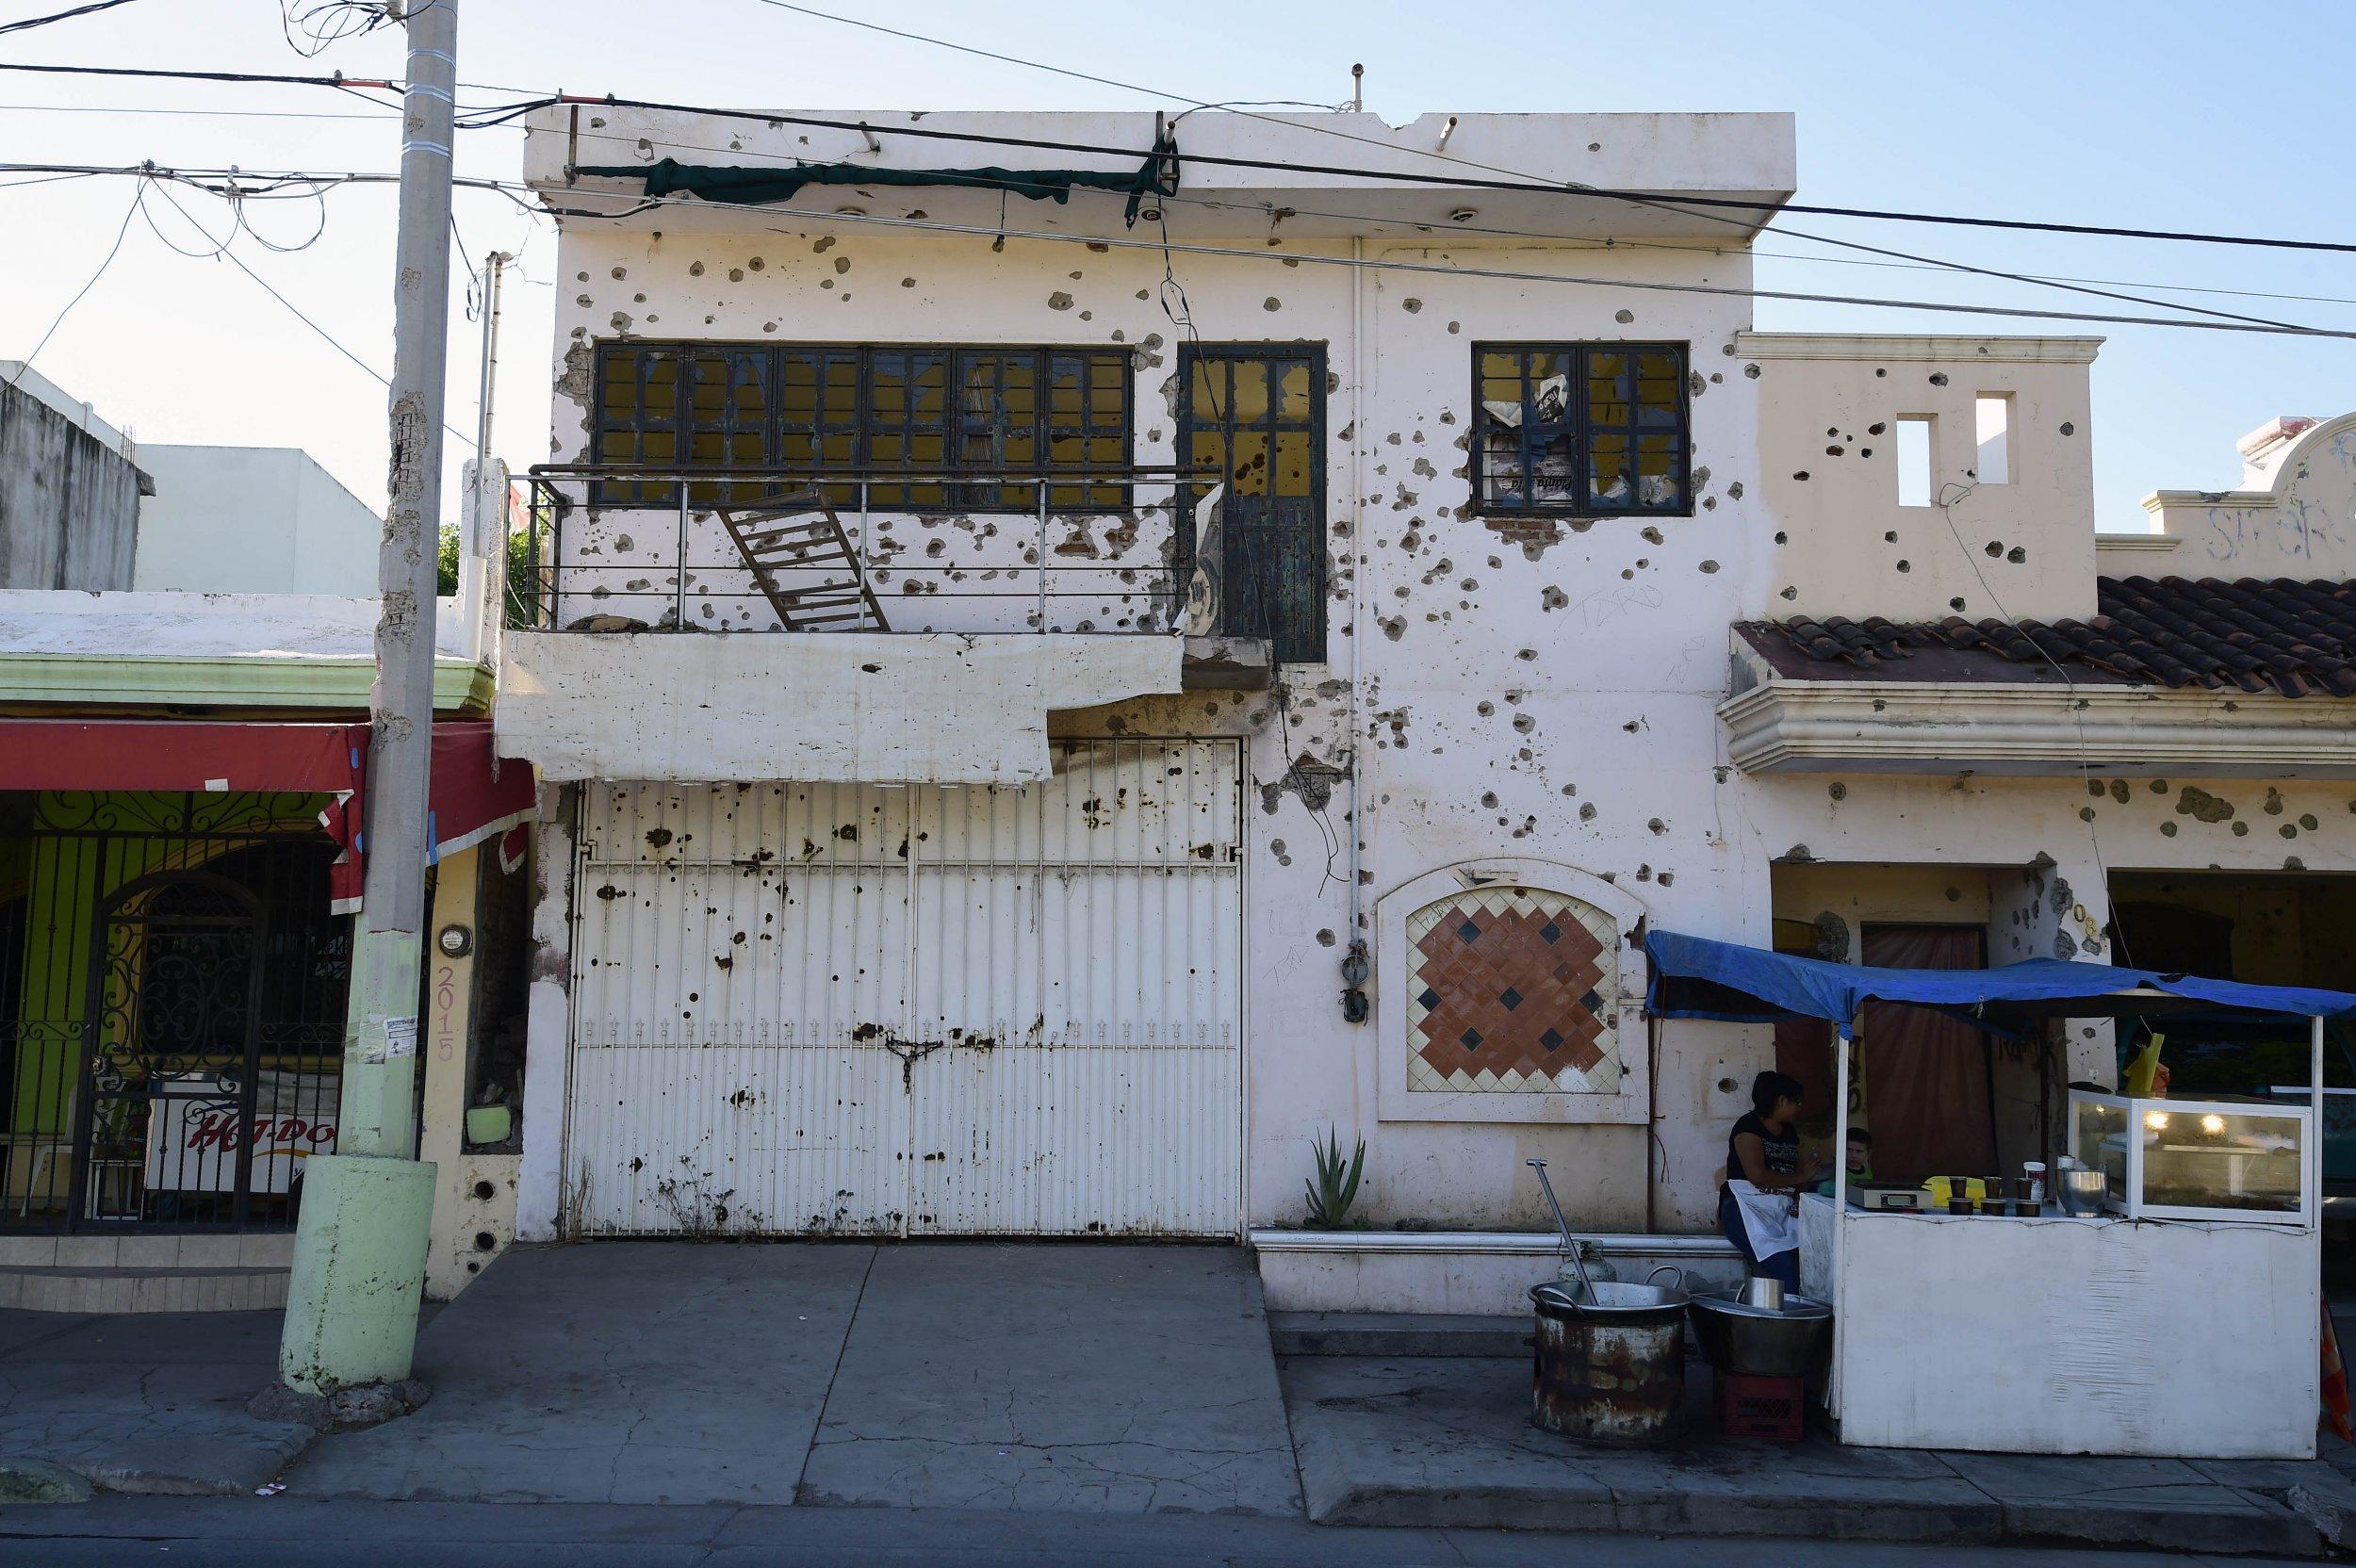 10_05_Mexico Sinaloa cartel_01